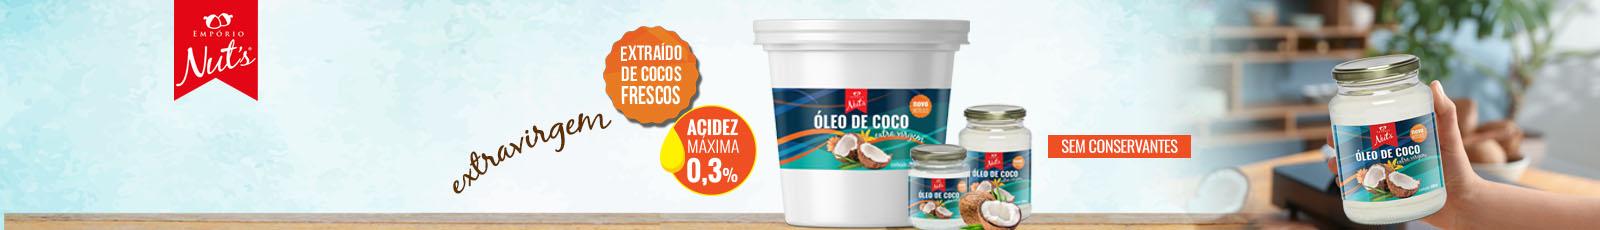 banner-oleo-de-coco-1600x230px